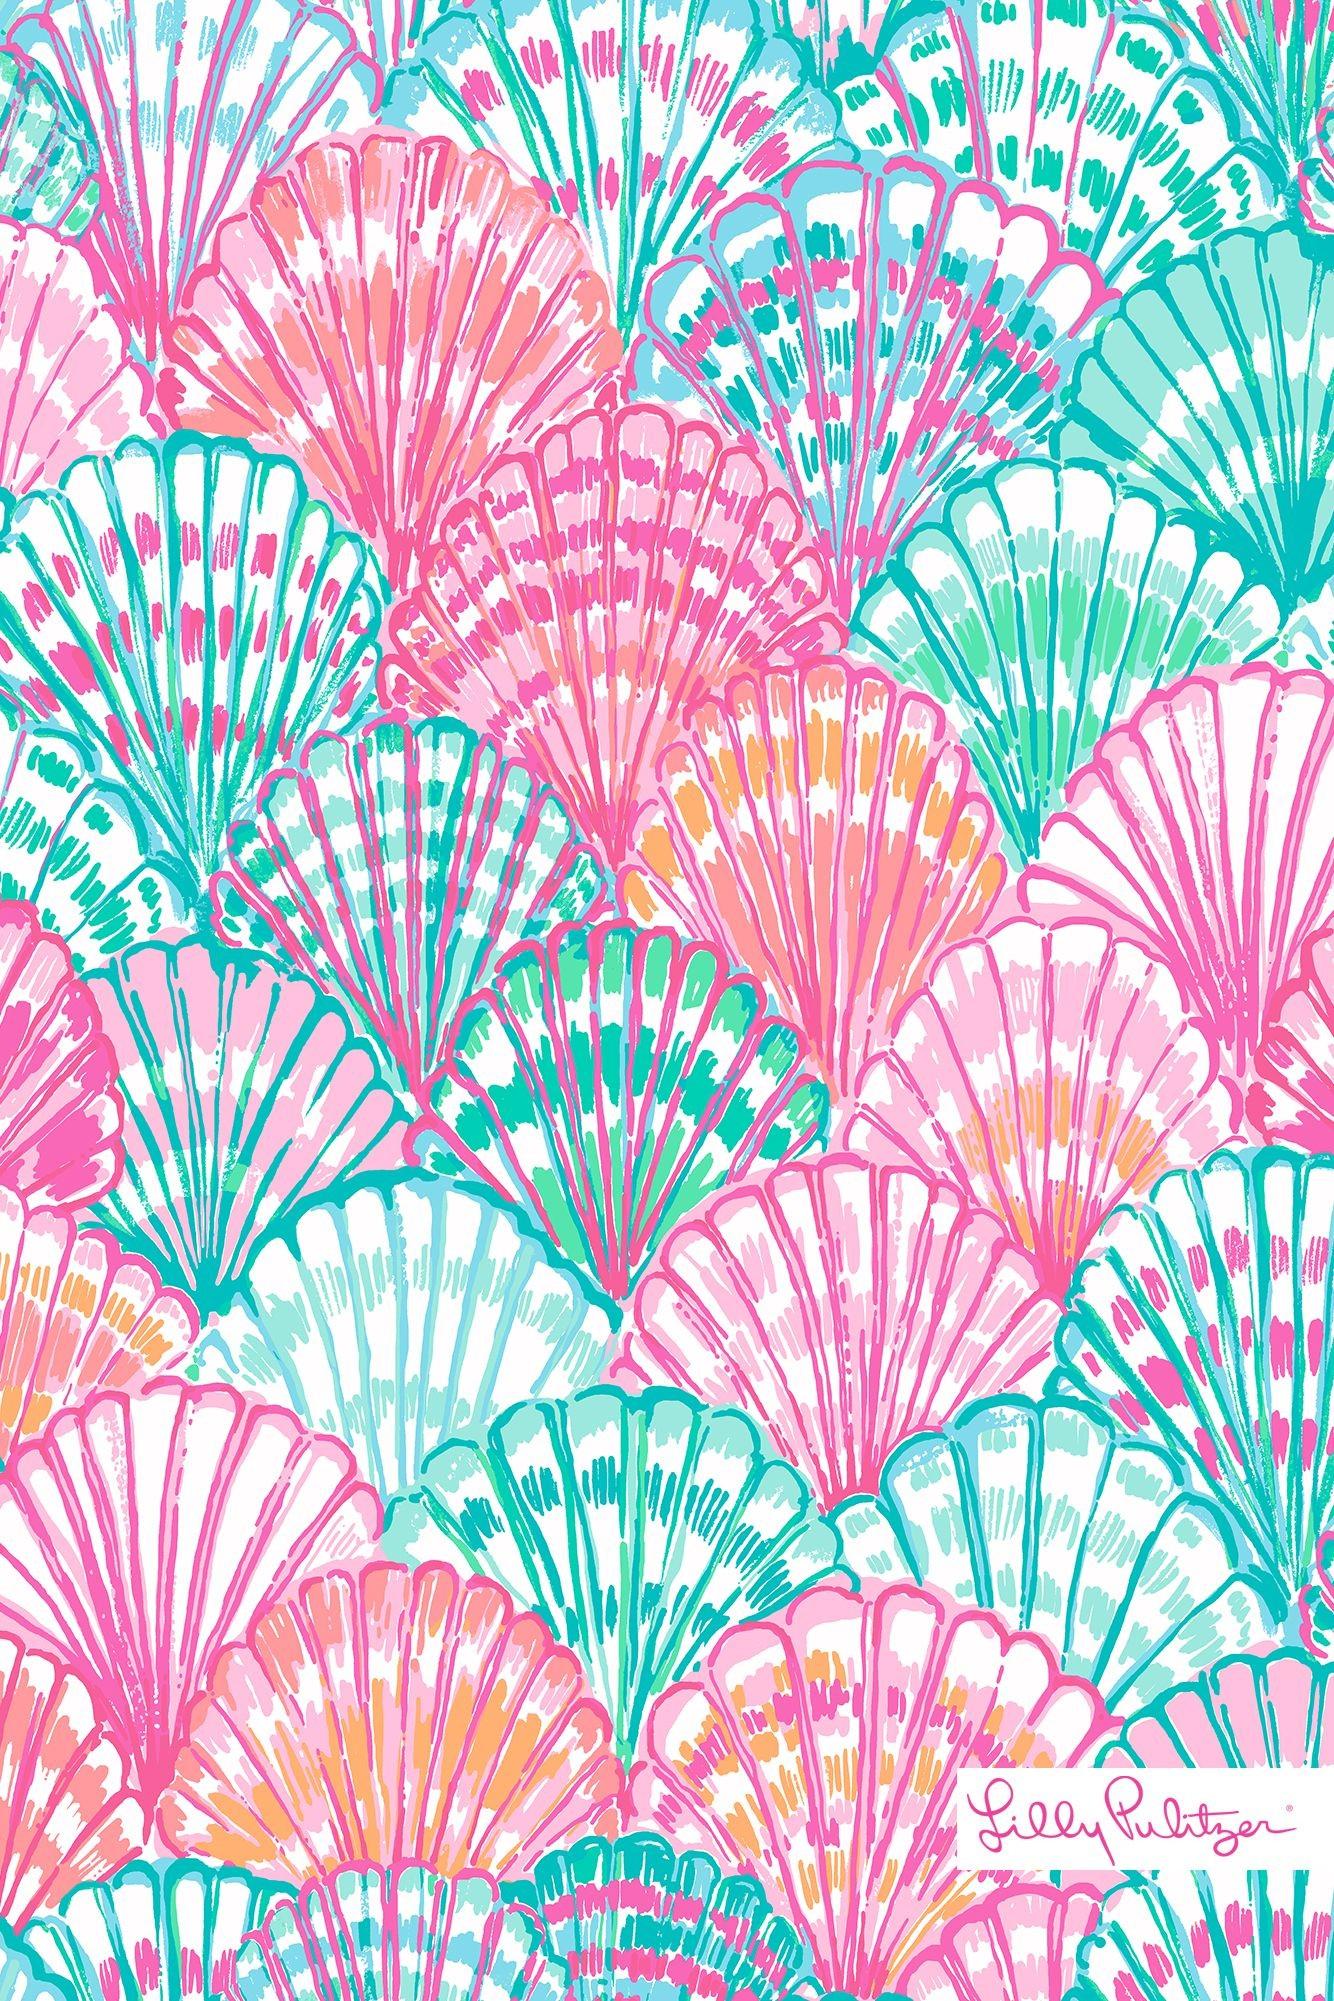 fondo rosa celeste R V fondos en 2018 Pinterest